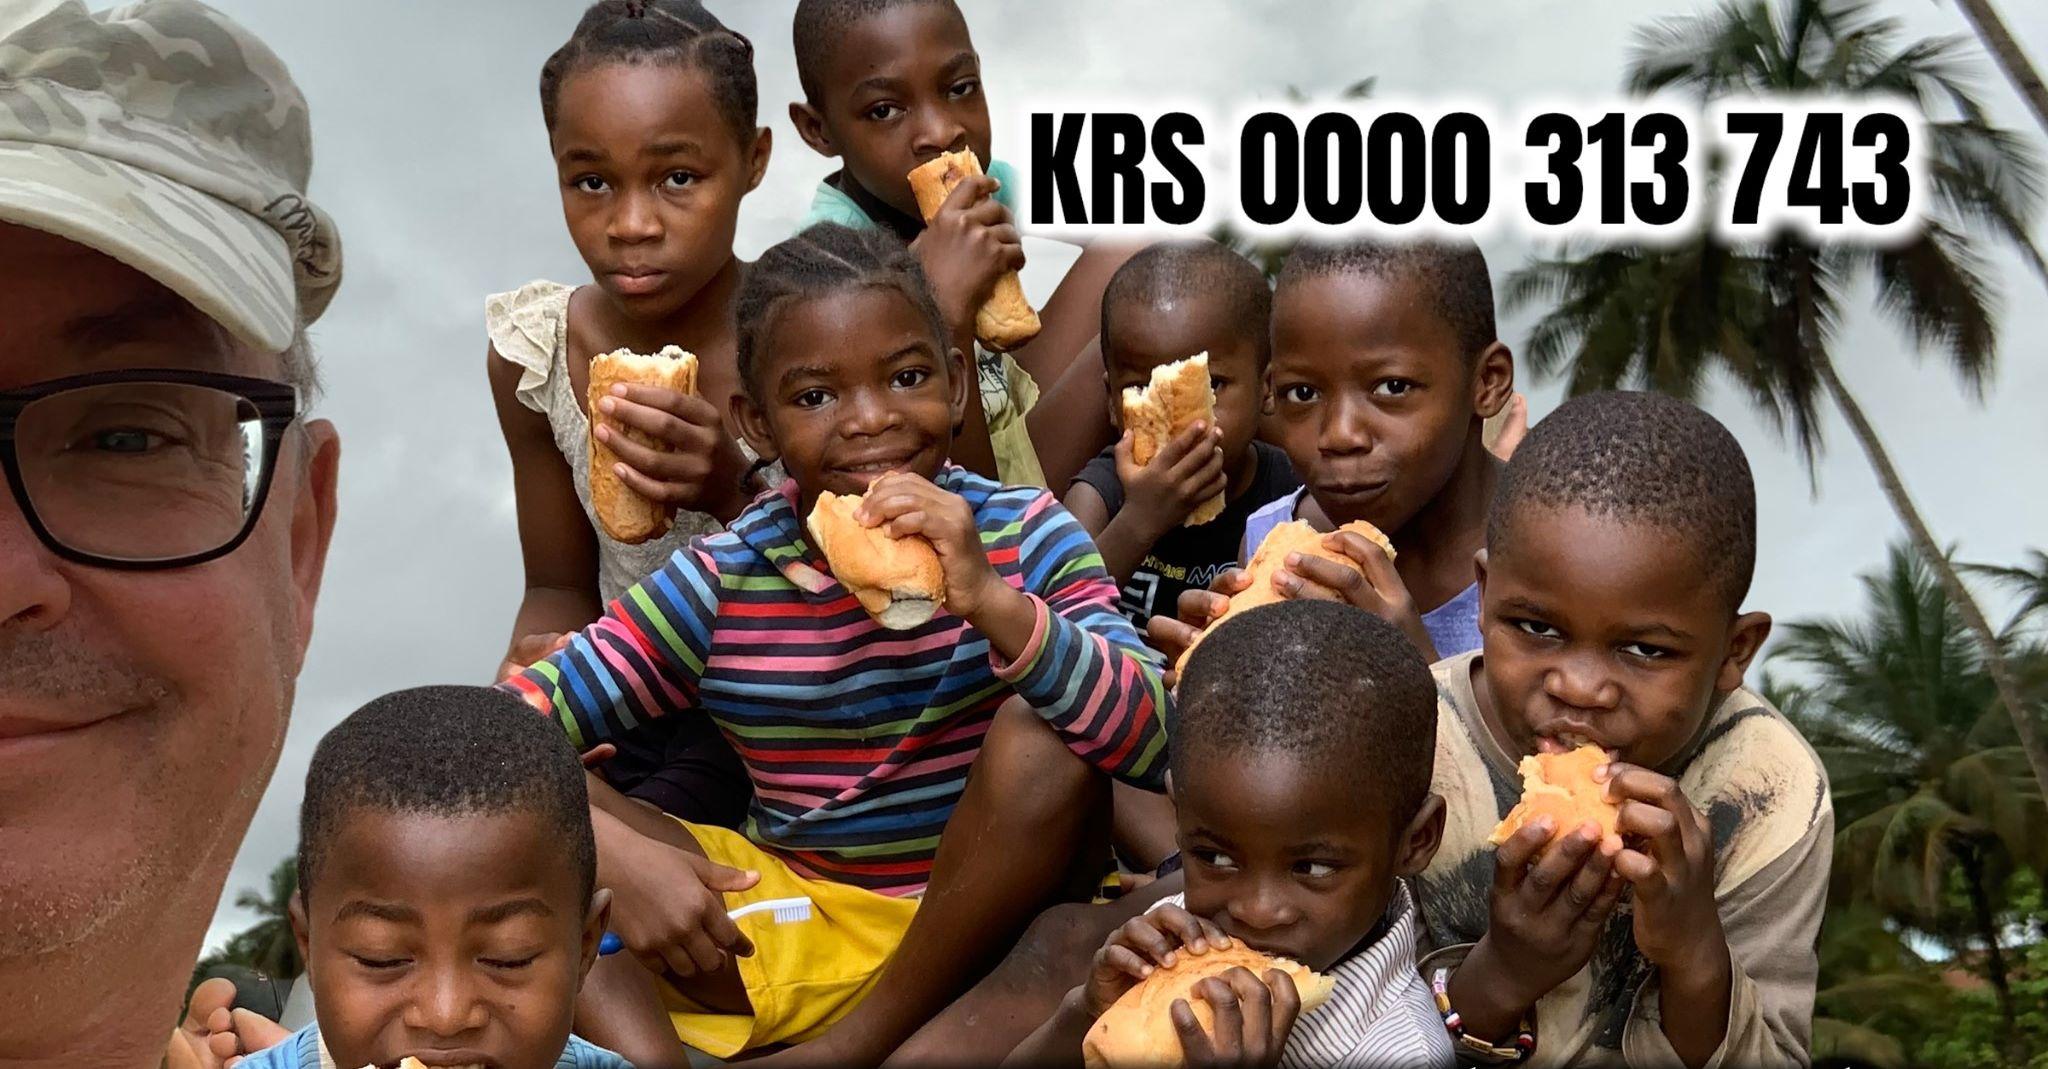 Podaruj 1% podatku Pit na Misje Kamerun: KRS 0000 313 743